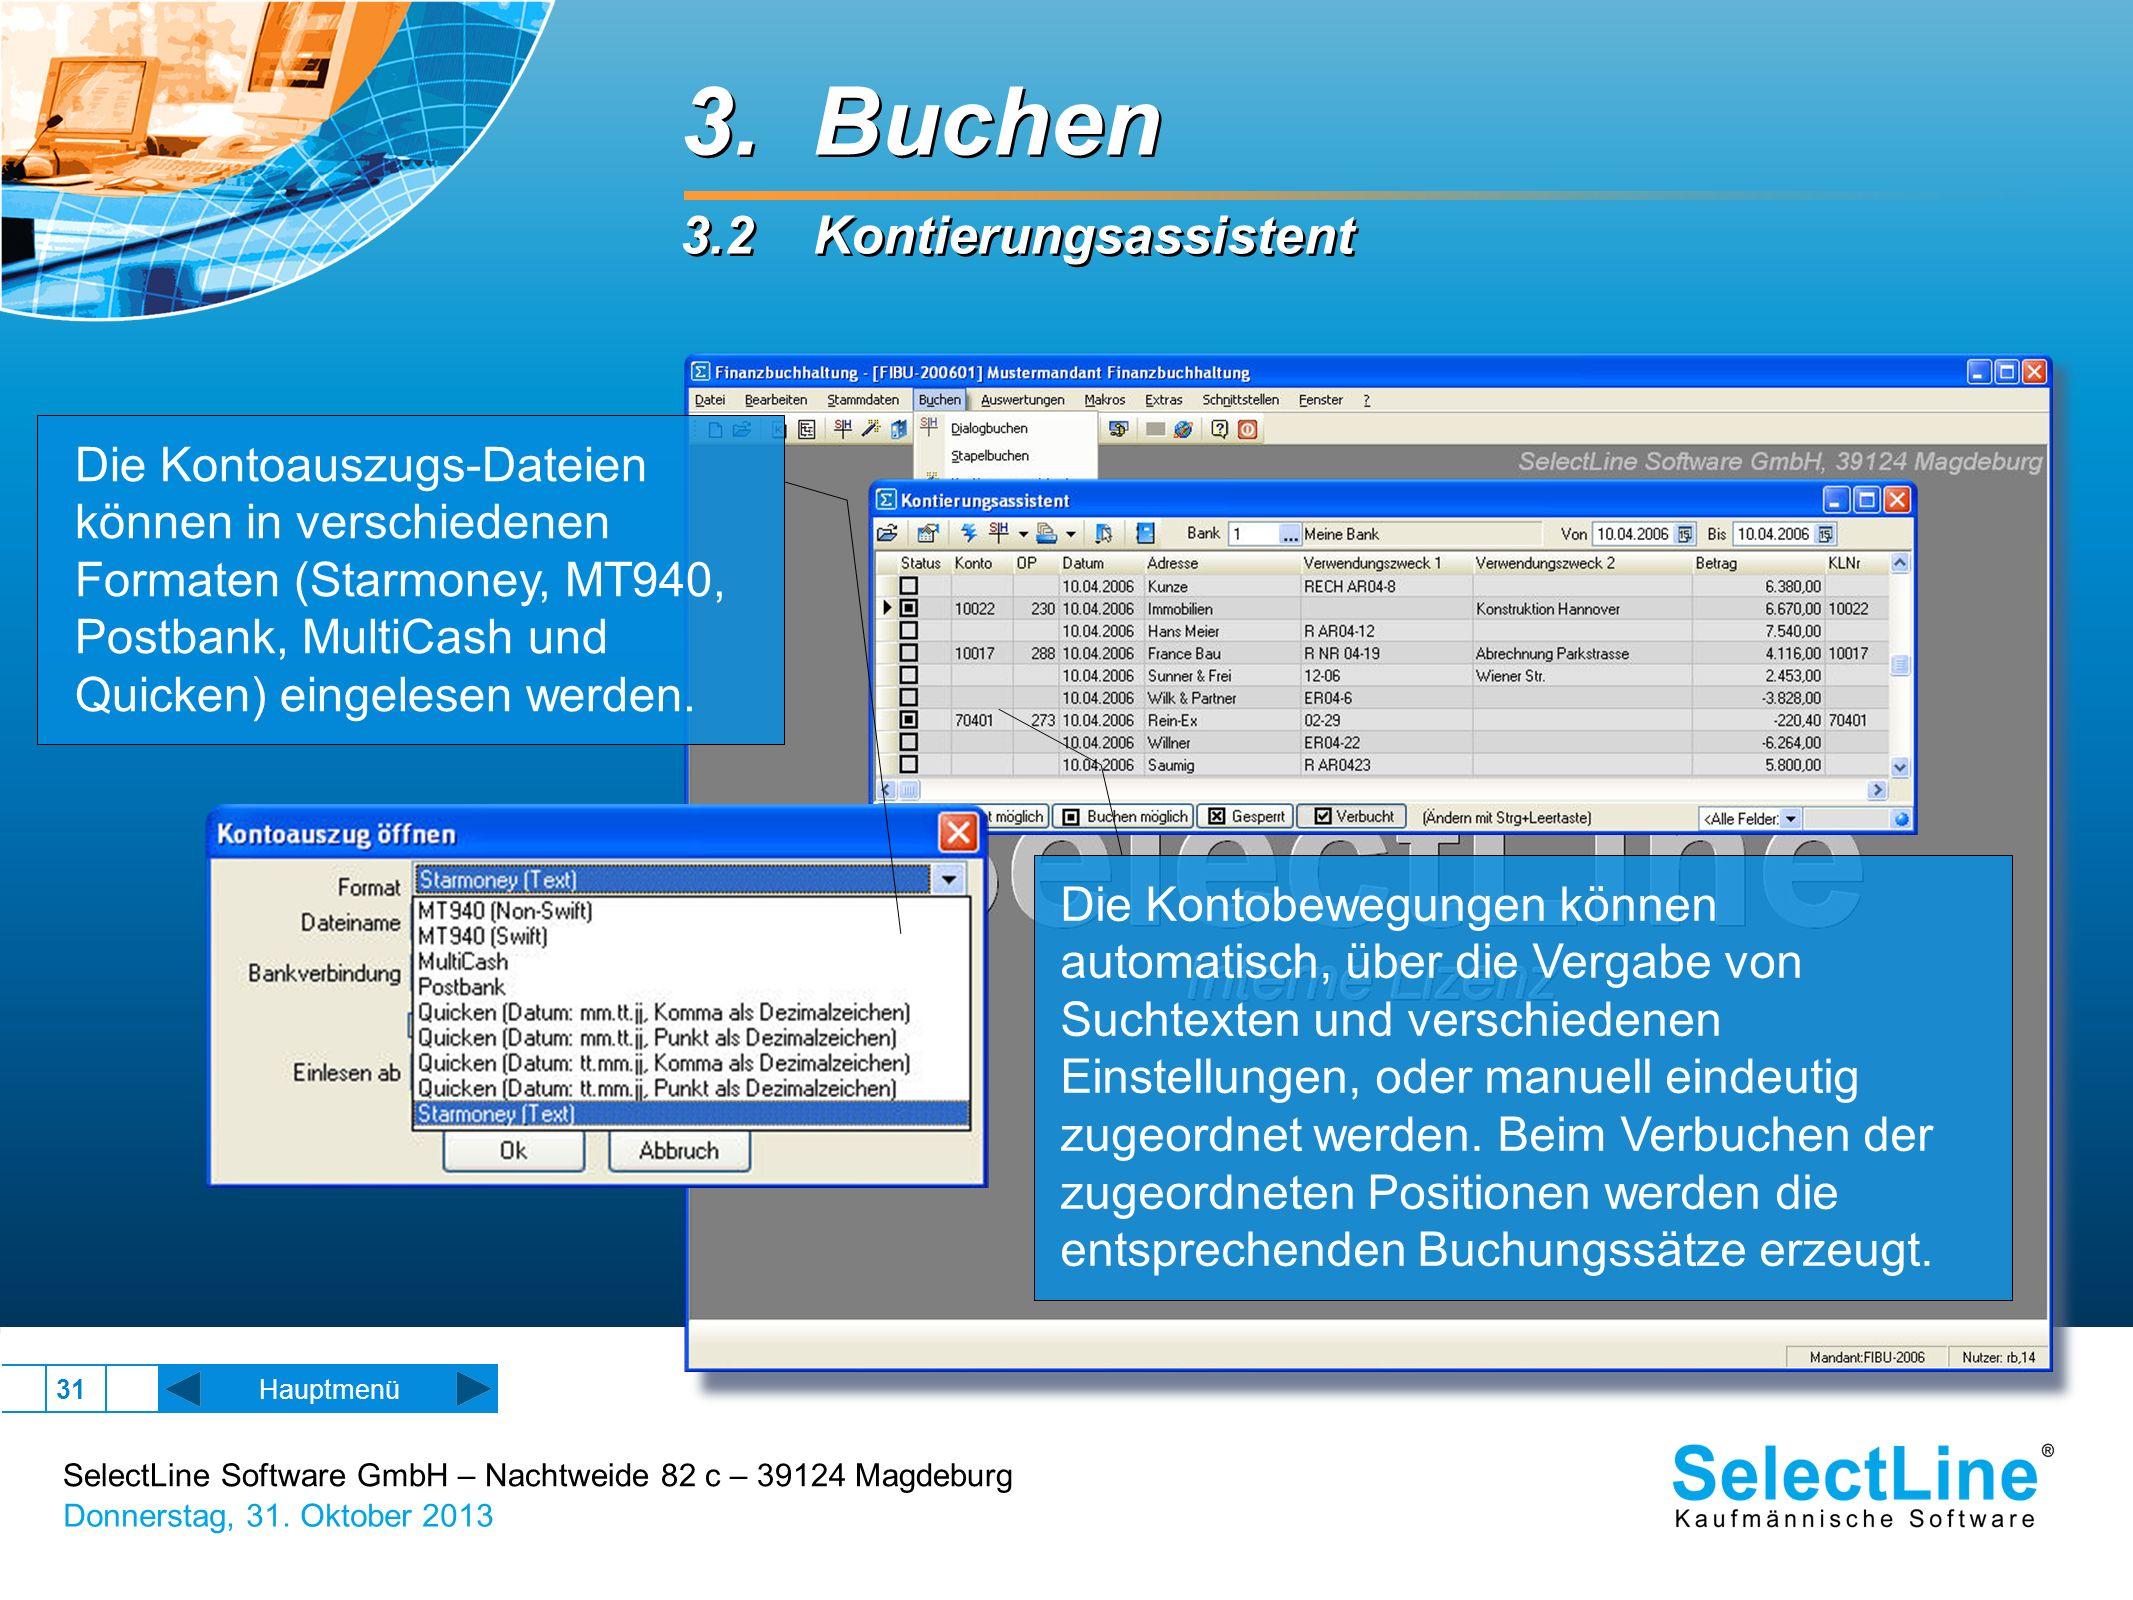 SelectLine Software GmbH – Nachtweide 82 c – 39124 Magdeburg Donnerstag, 31. Oktober 2013 31 Hauptmenü 3. Buchen 3.2 Kontierungsassistent 3. Buchen 3.